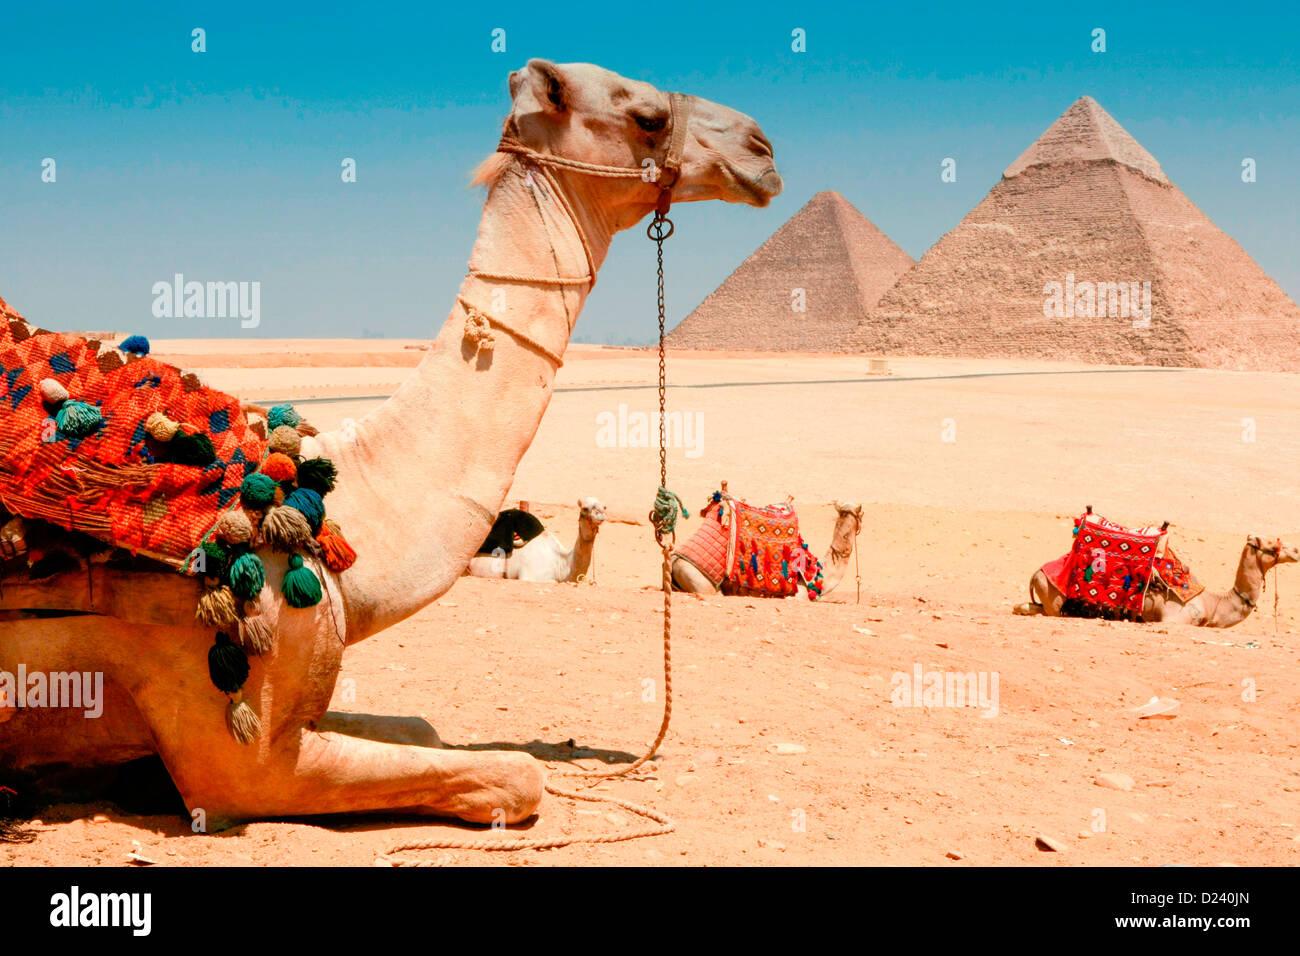 Des chameaux à les pyramides de Gizeh, près du Caire, Égypte. Banque D'Images